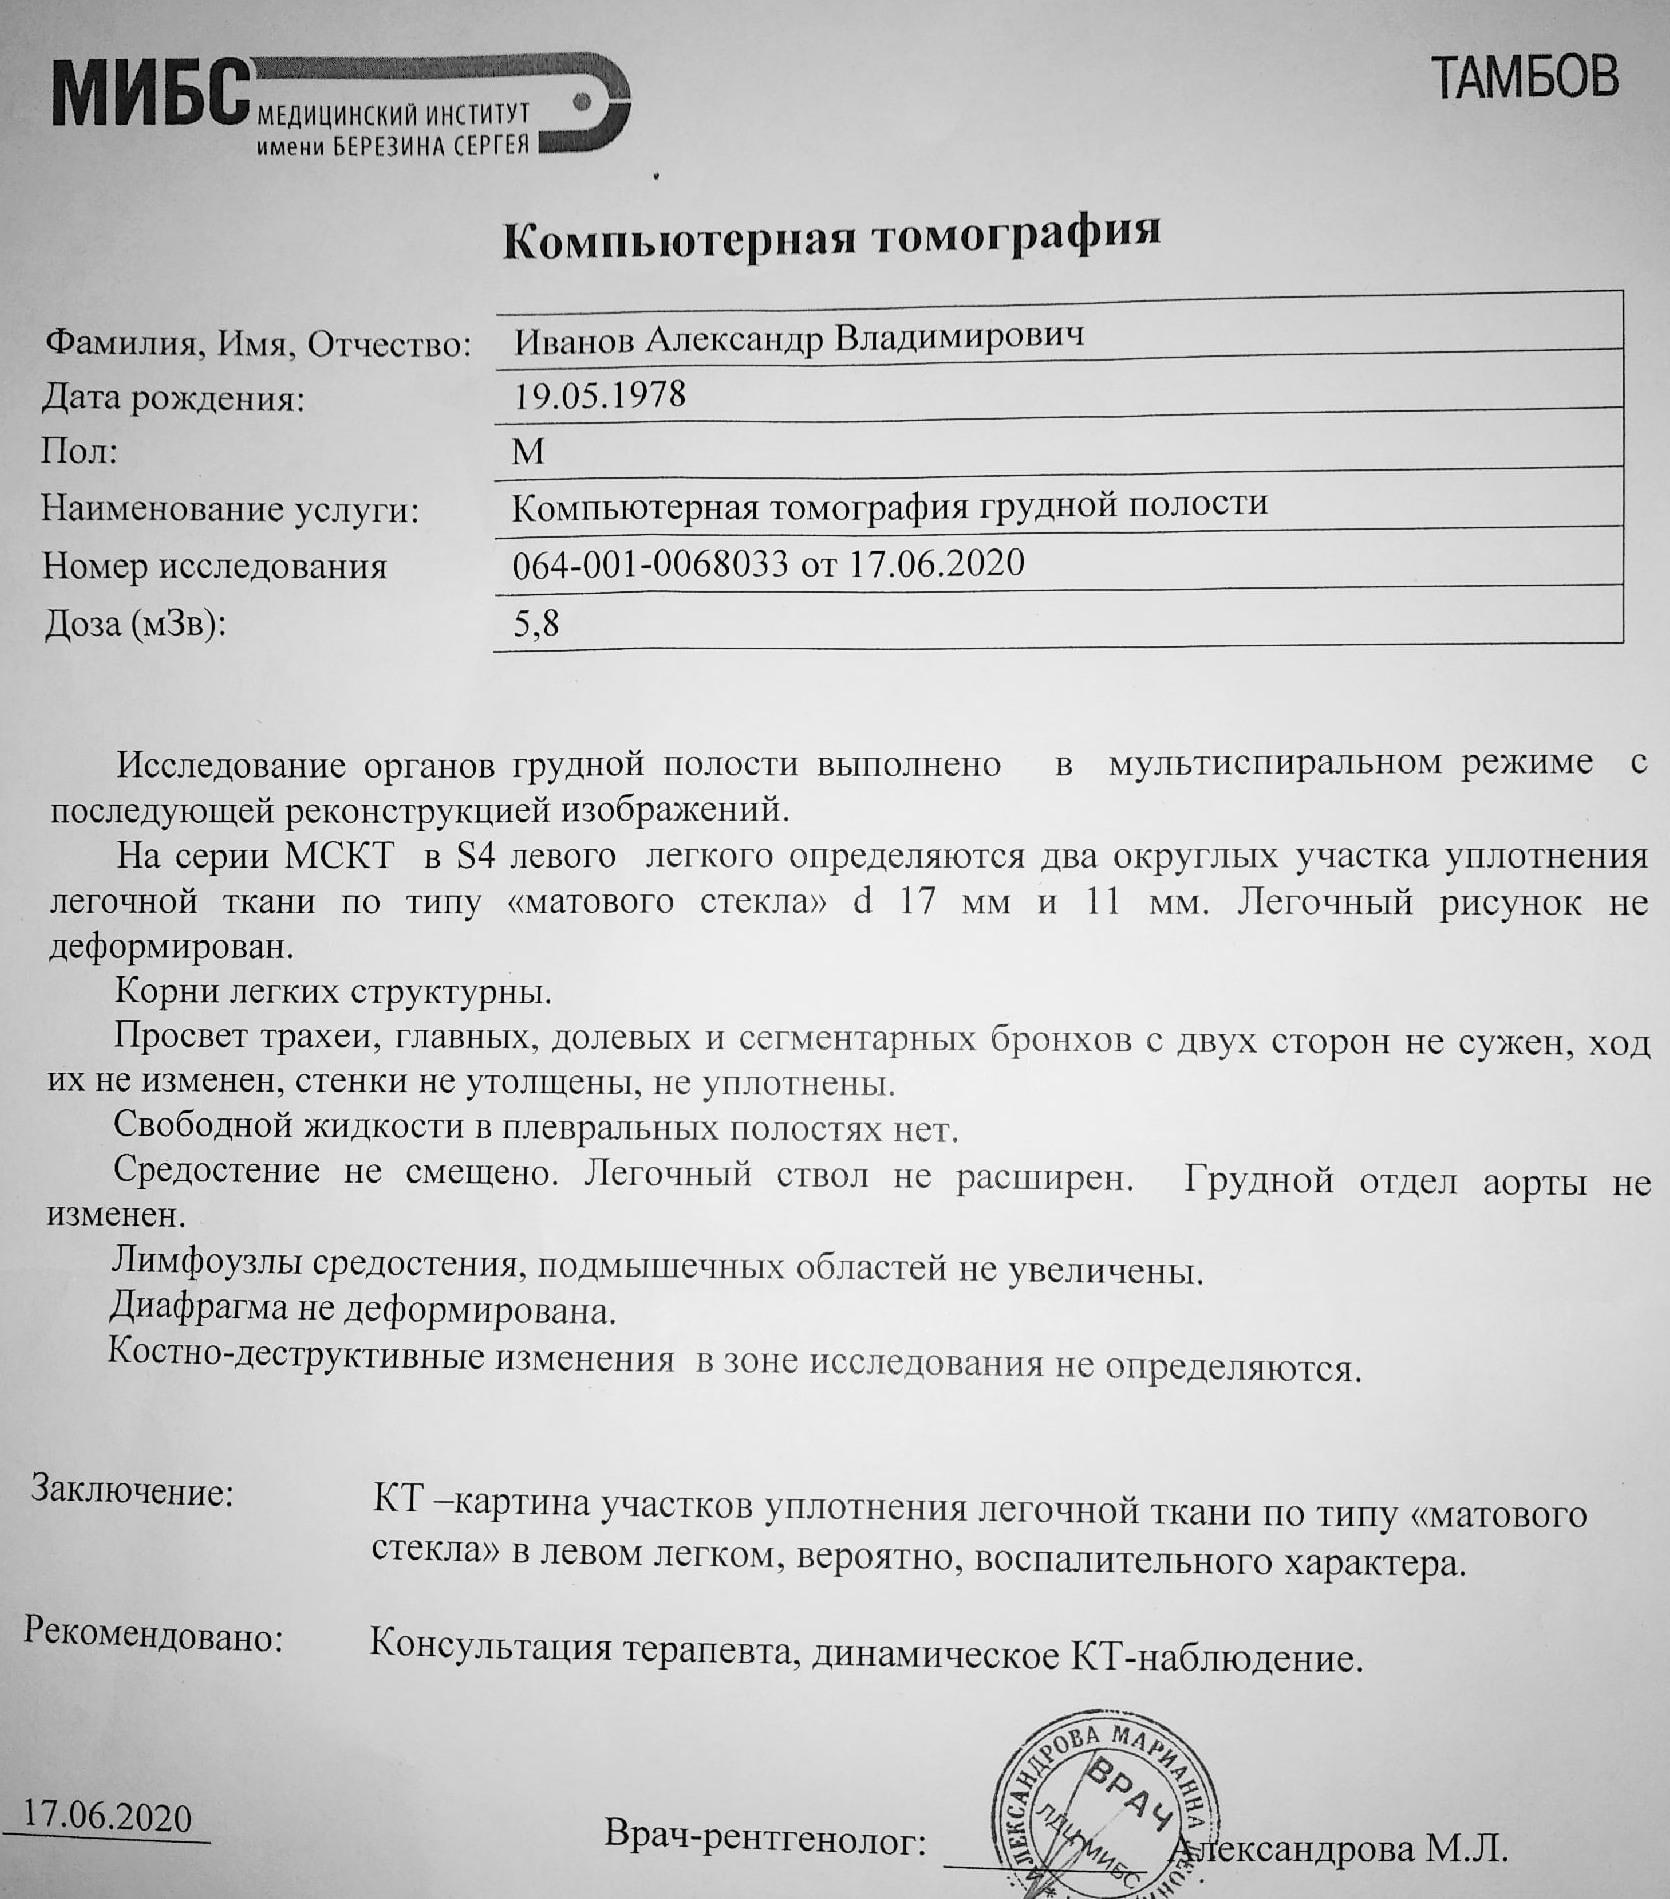 Ковид у Иванова, результат КТ